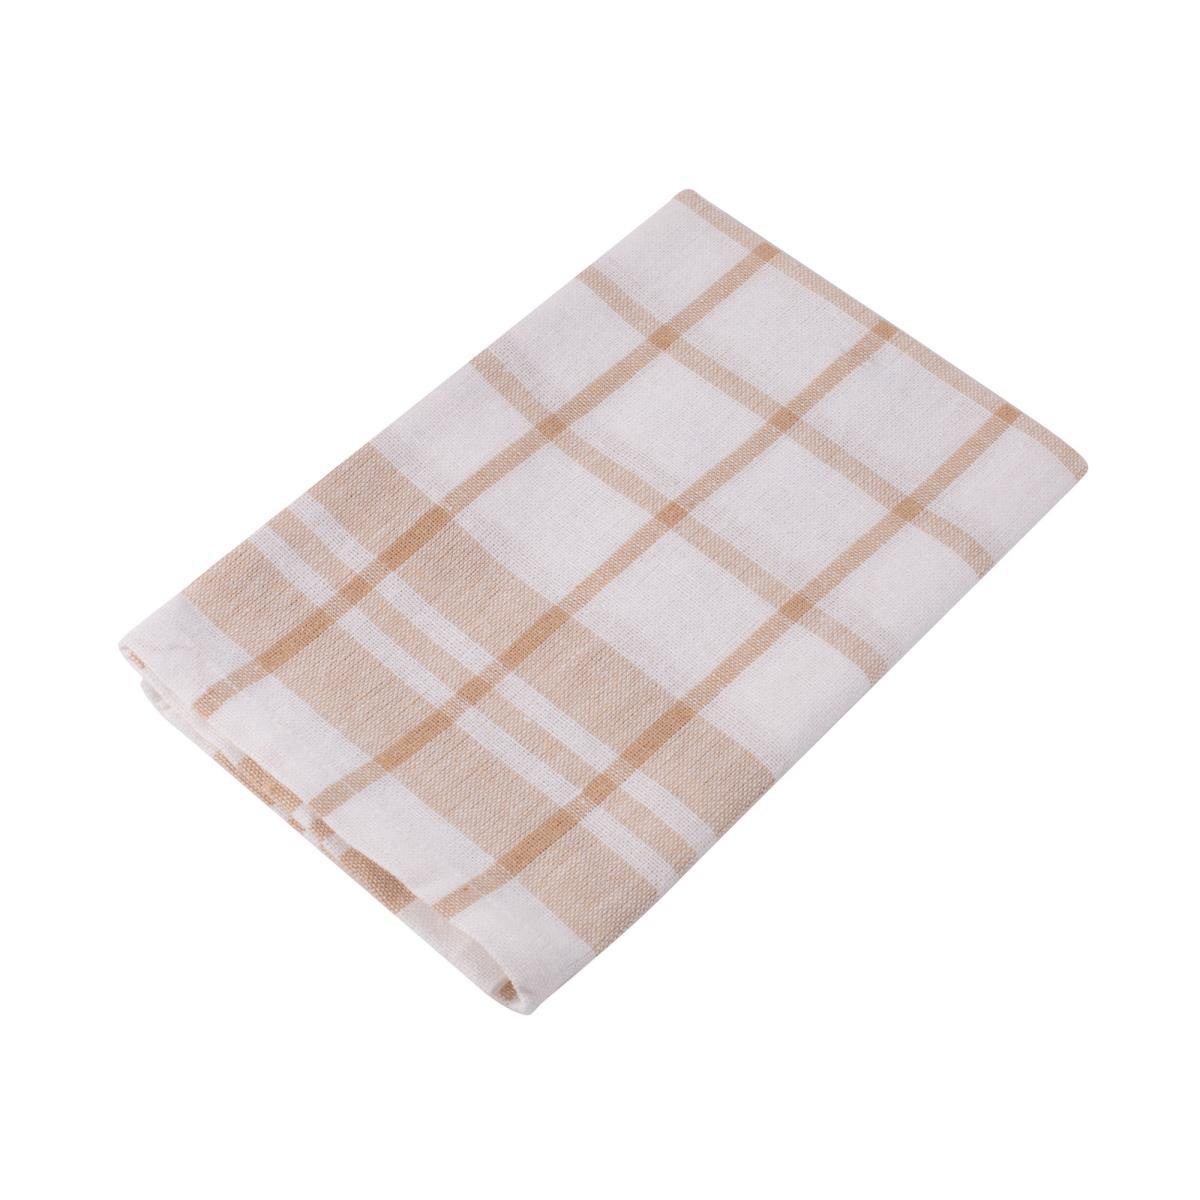 6 Küchenhandtücher Geschirrtuch hängenden Handtuch Küche Tuch 45x45cm,OKKO,KT-596, 2000513747056